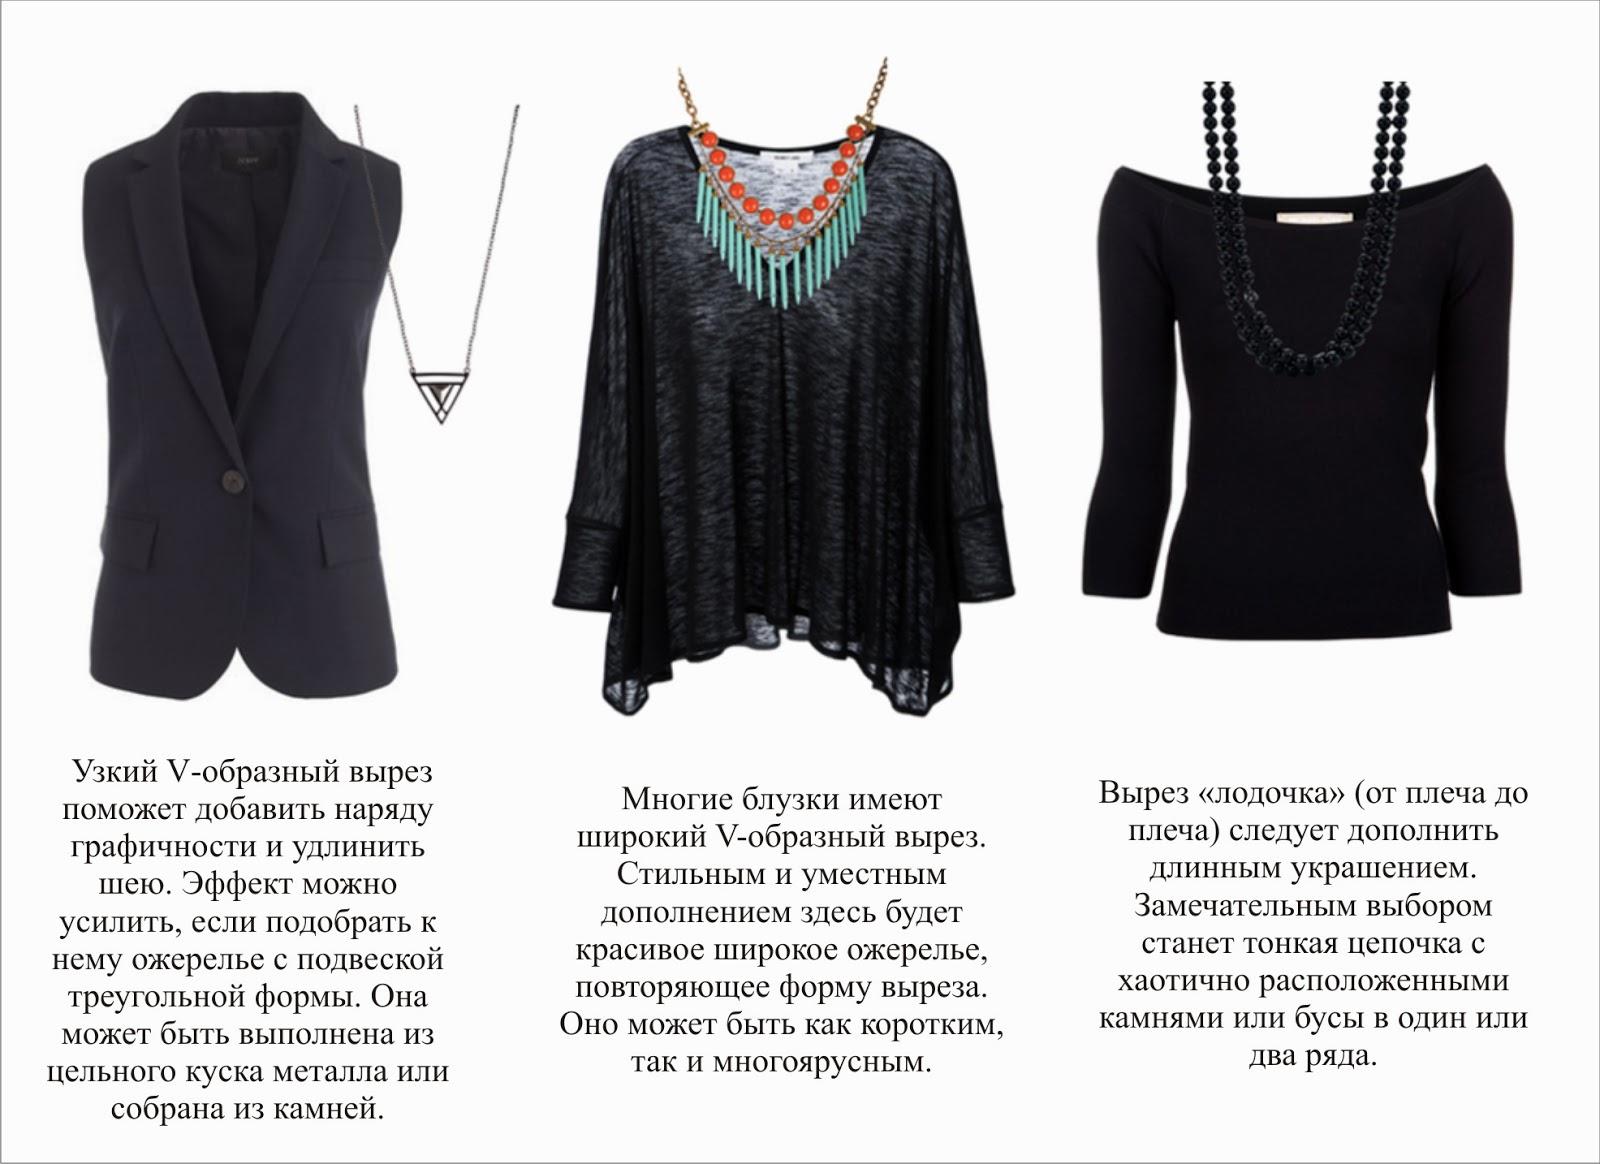 Как подобрать украшение к вырезу платья фото